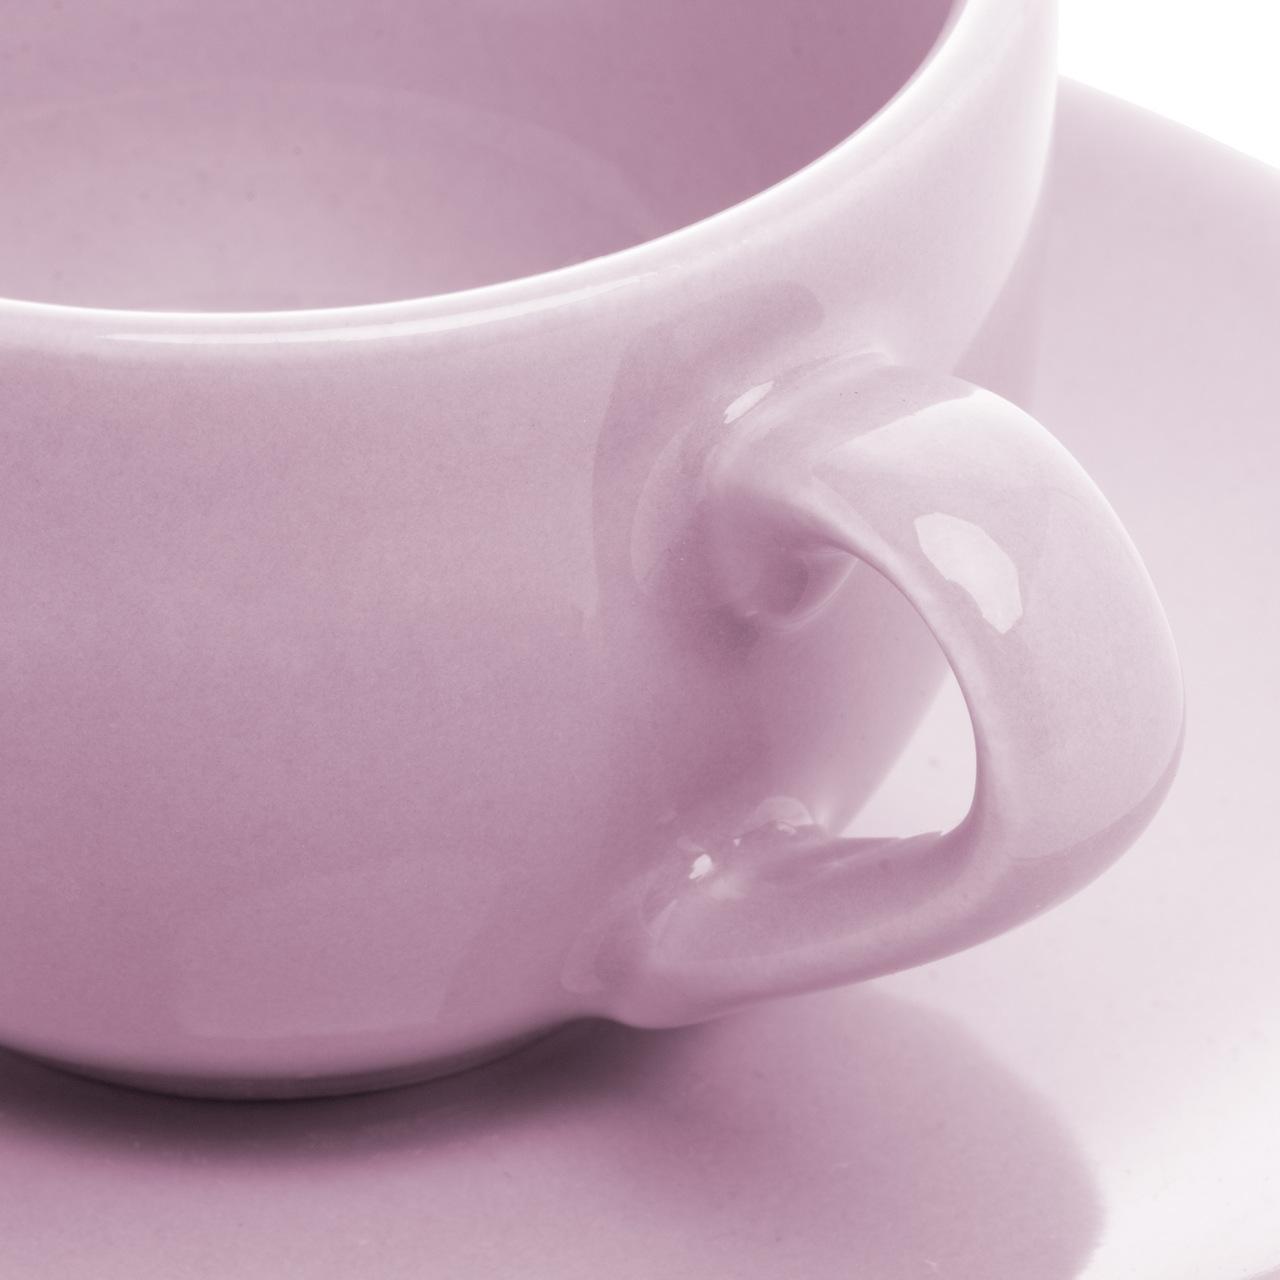 Jogo 6 xícaras 125ml para café de cerâmica com pires Alanya Plum Wolff - 17503